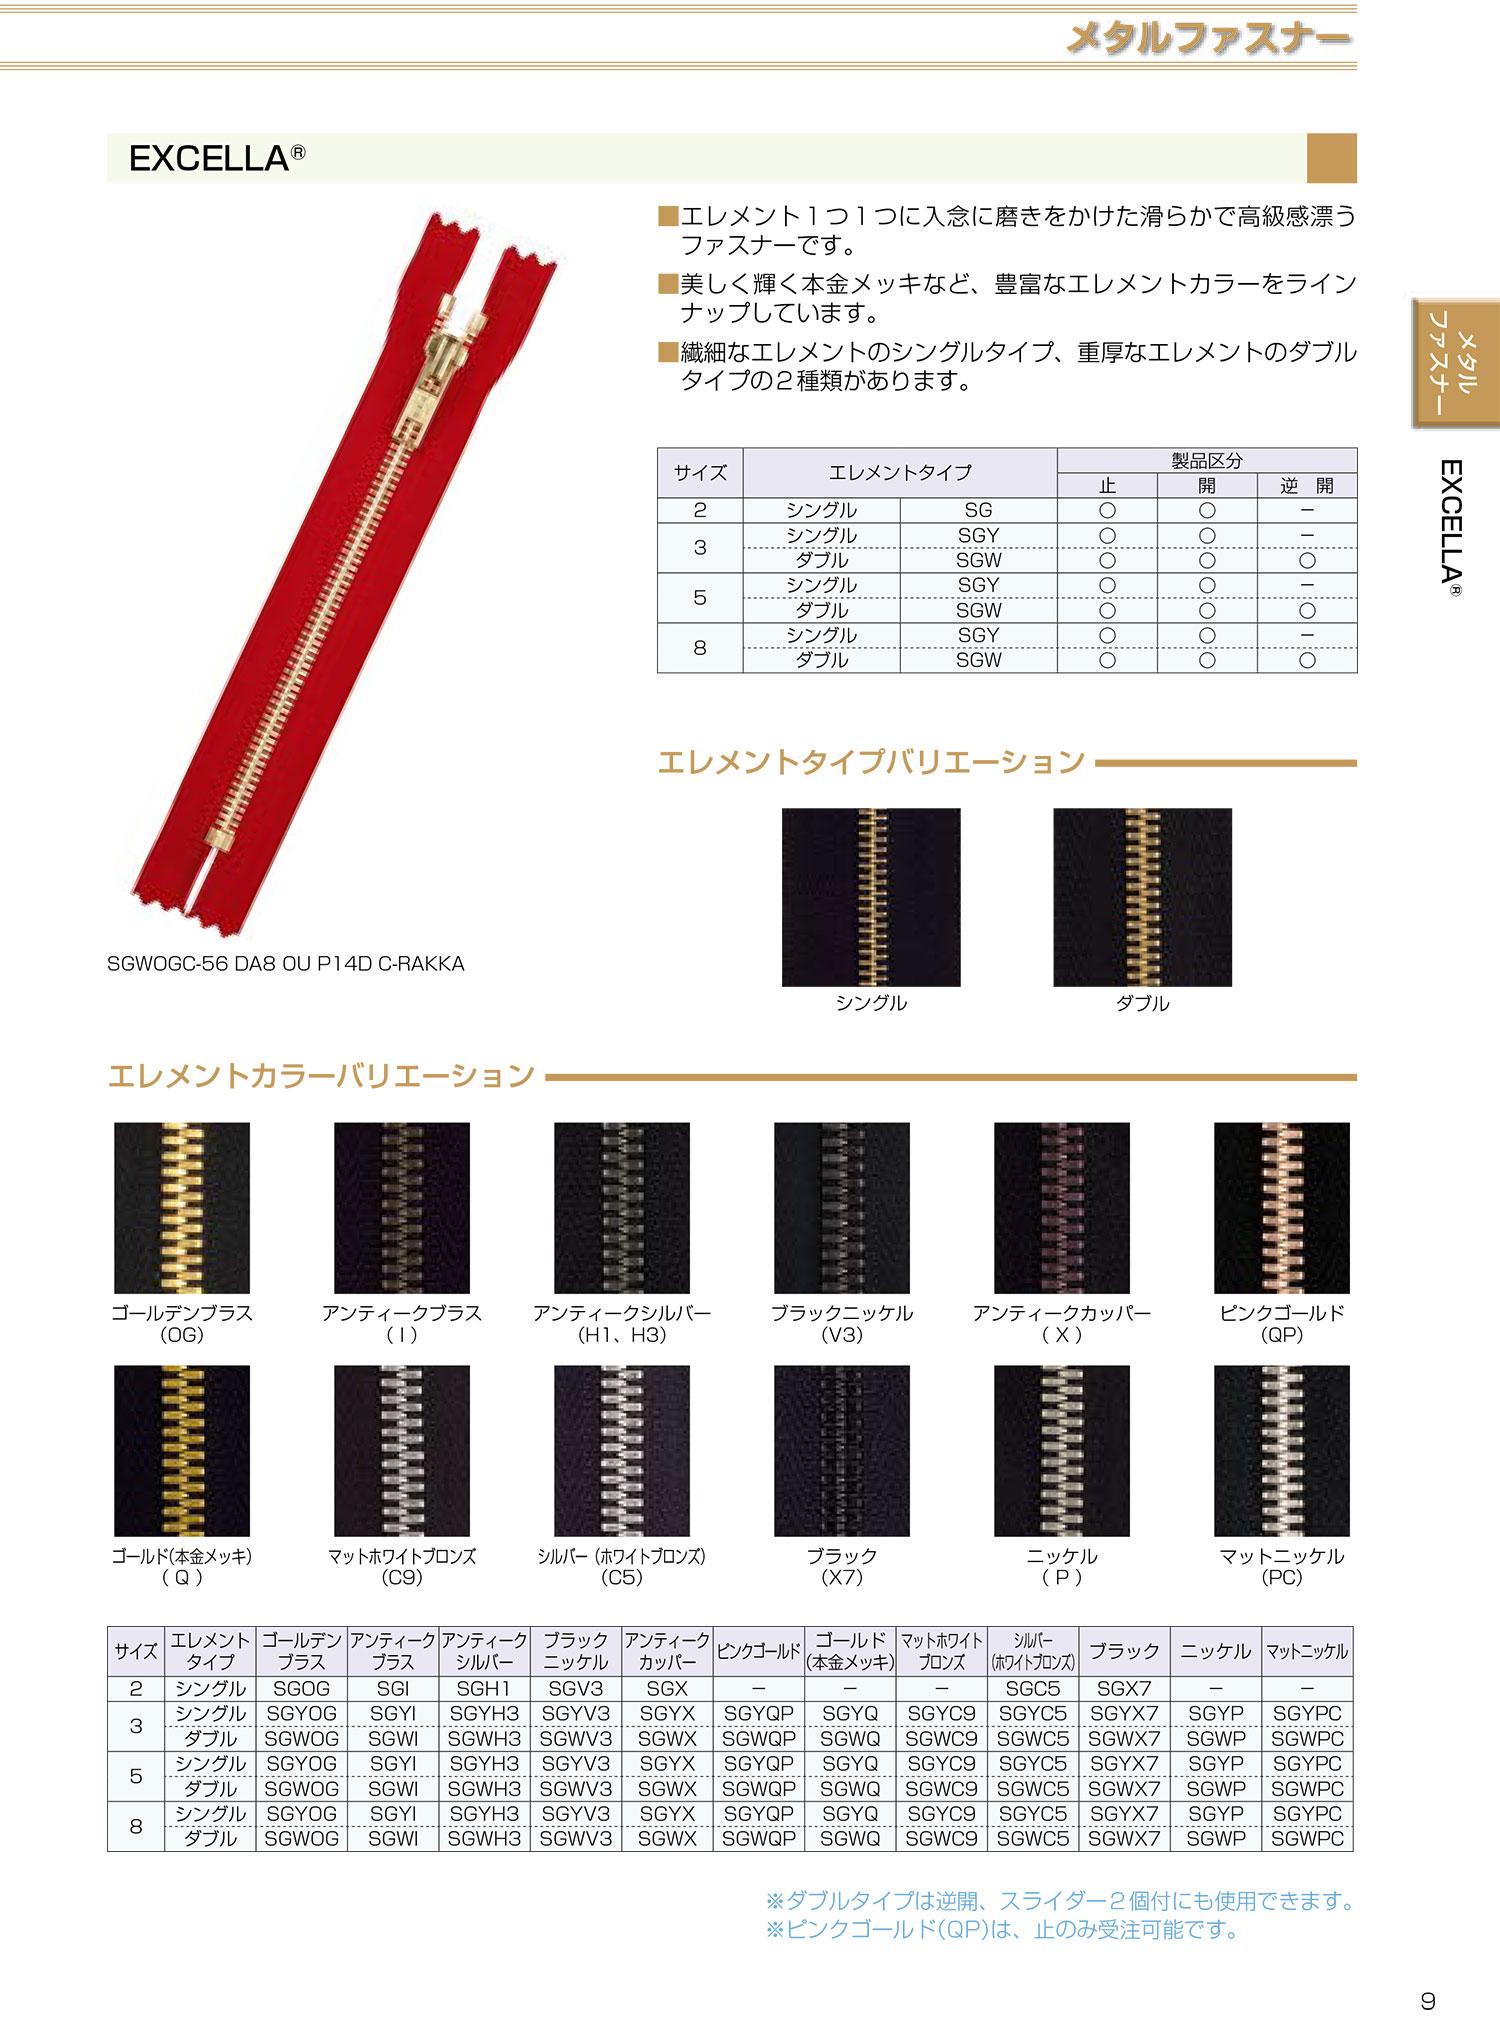 8SGYIC エクセラ 8サイズ アンティークブラス 止め シングル[ファスナー] YKK/オークラ商事 - ApparelX アパレル資材卸通販